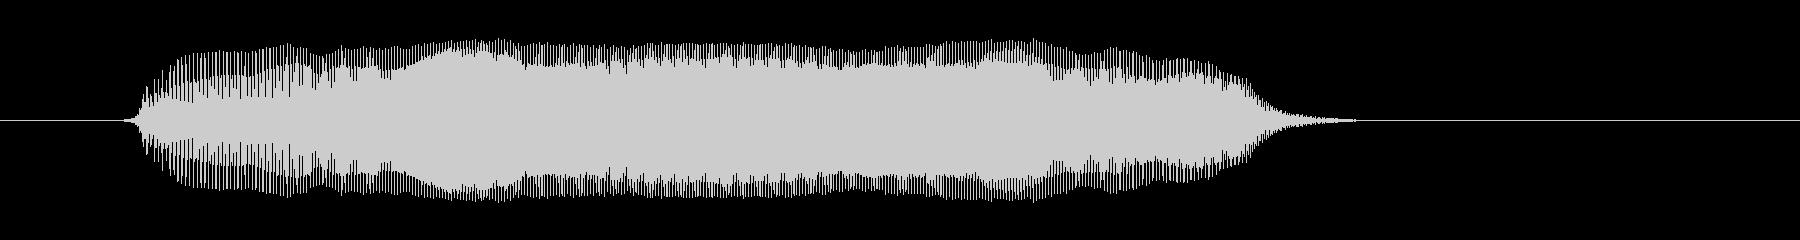 うー の未再生の波形